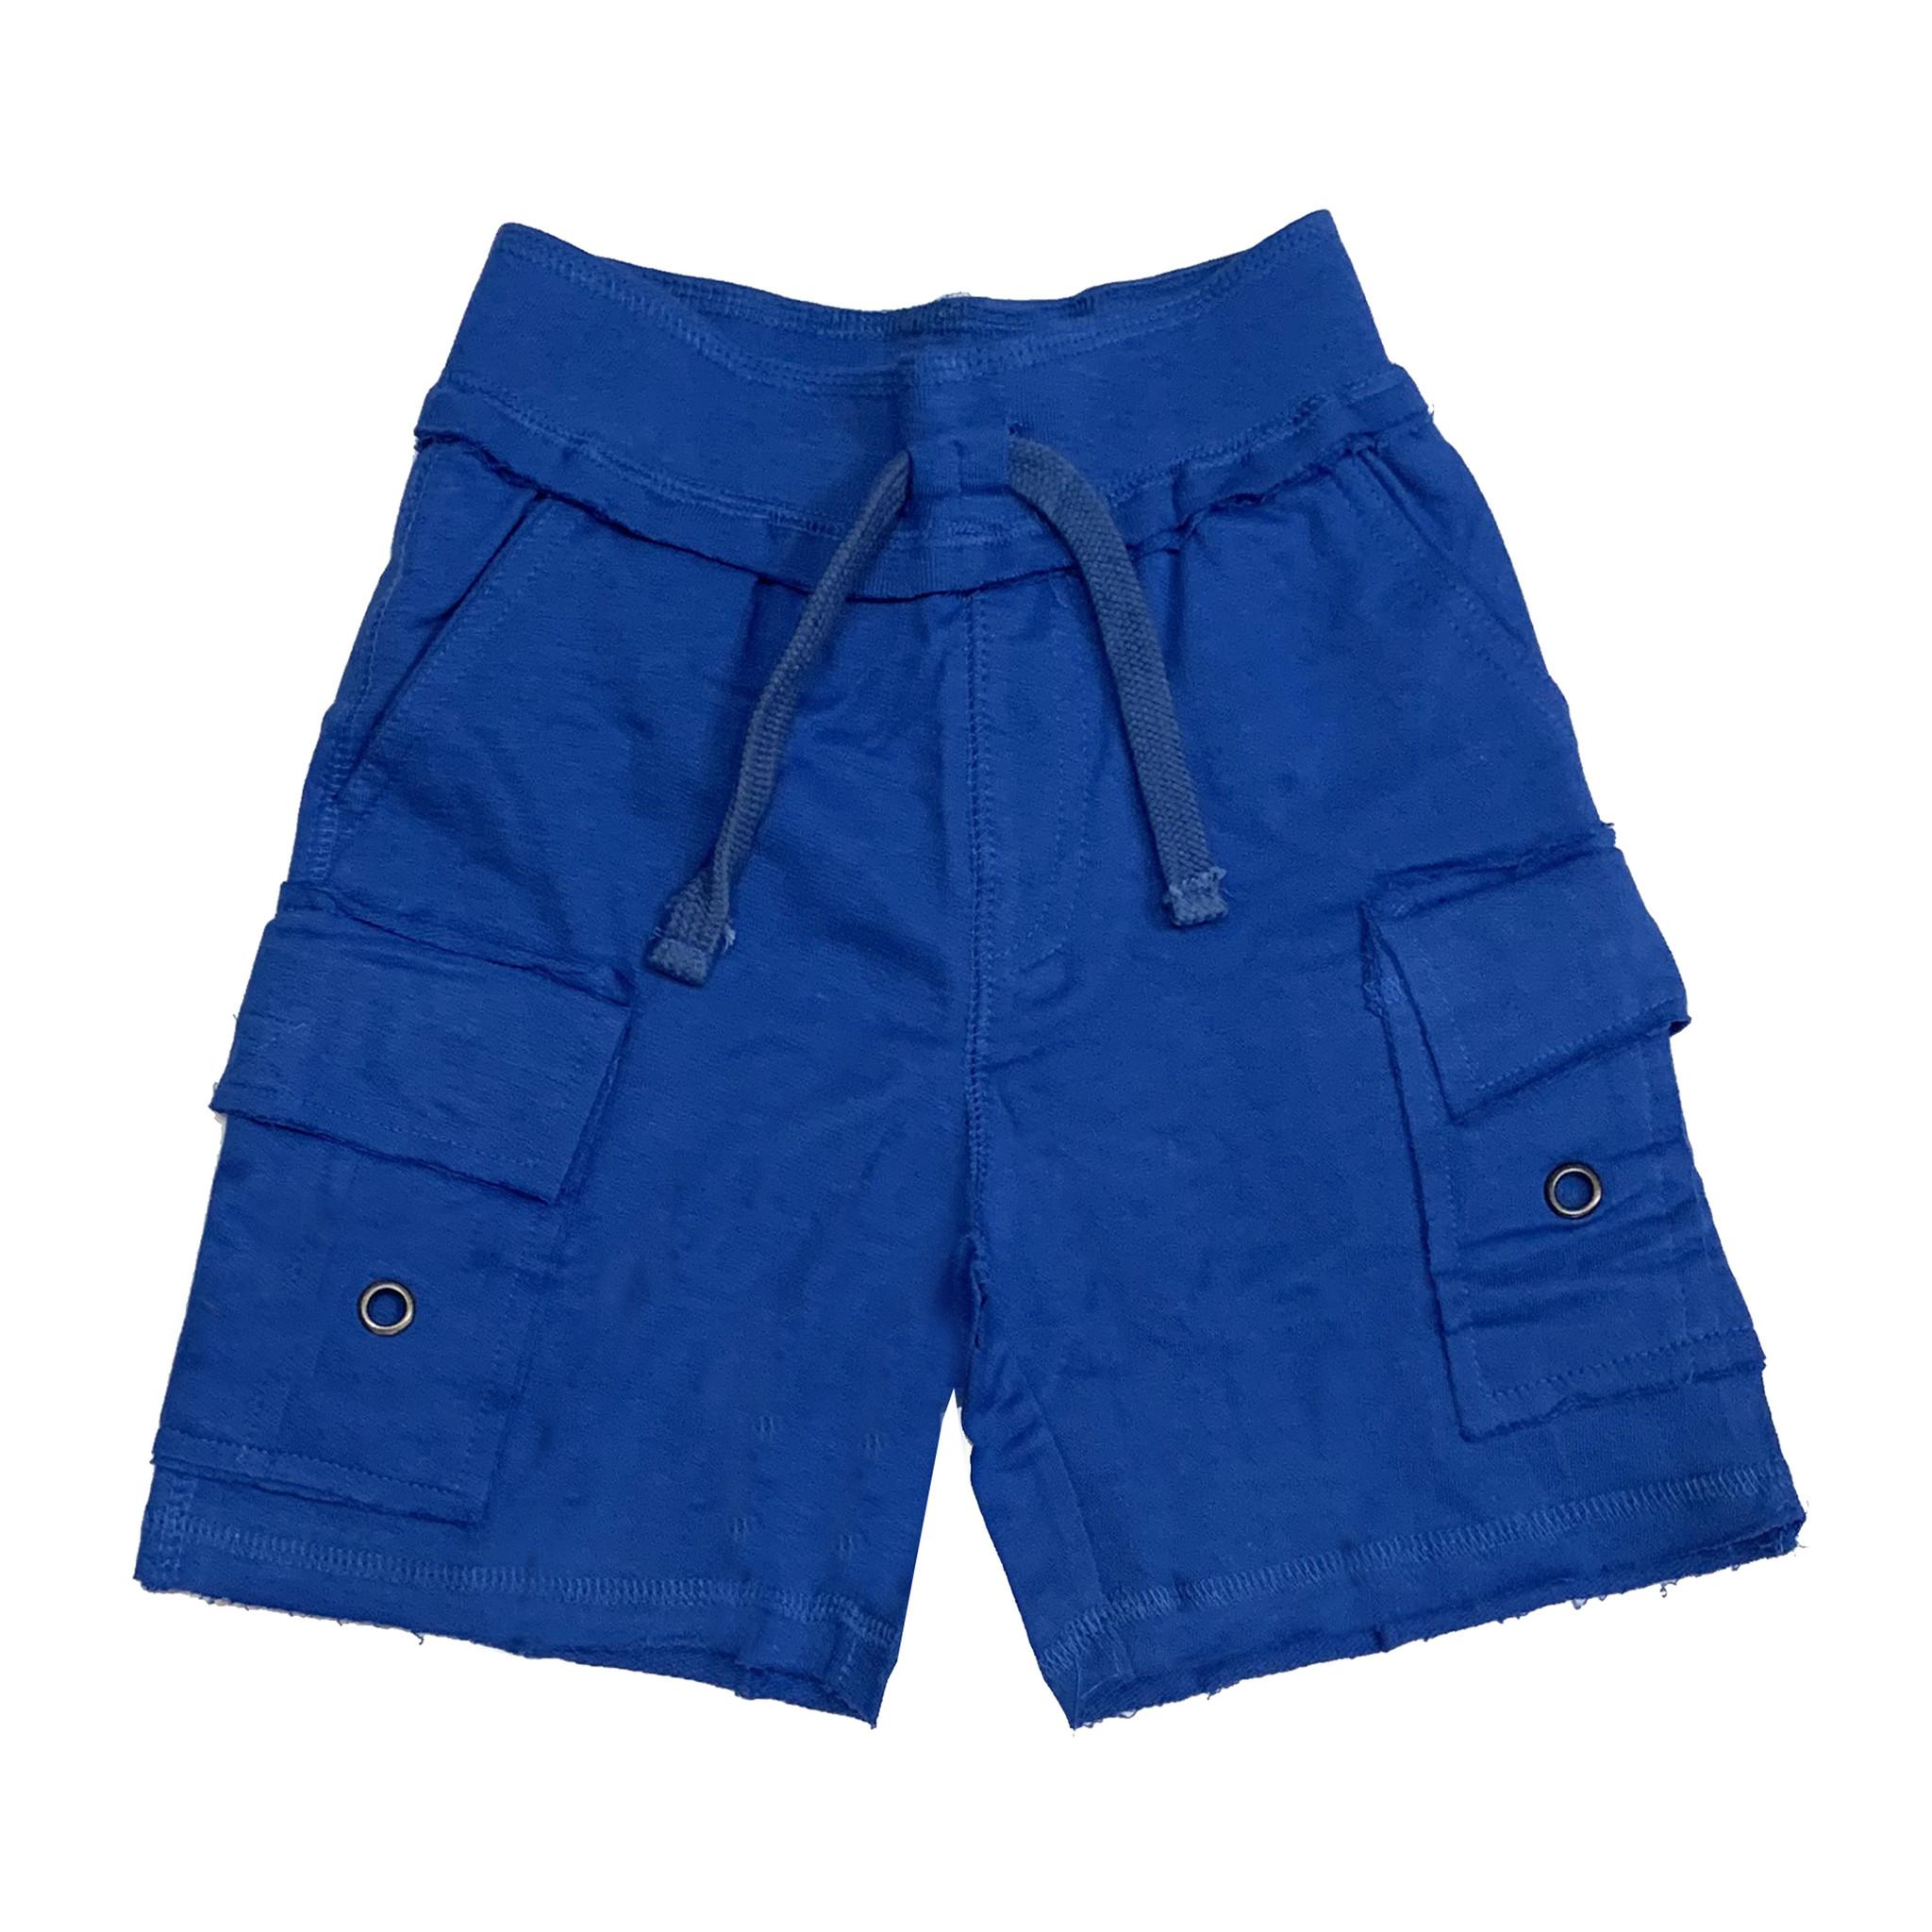 Mish Solid Cobalt Cargo Infant Shorts